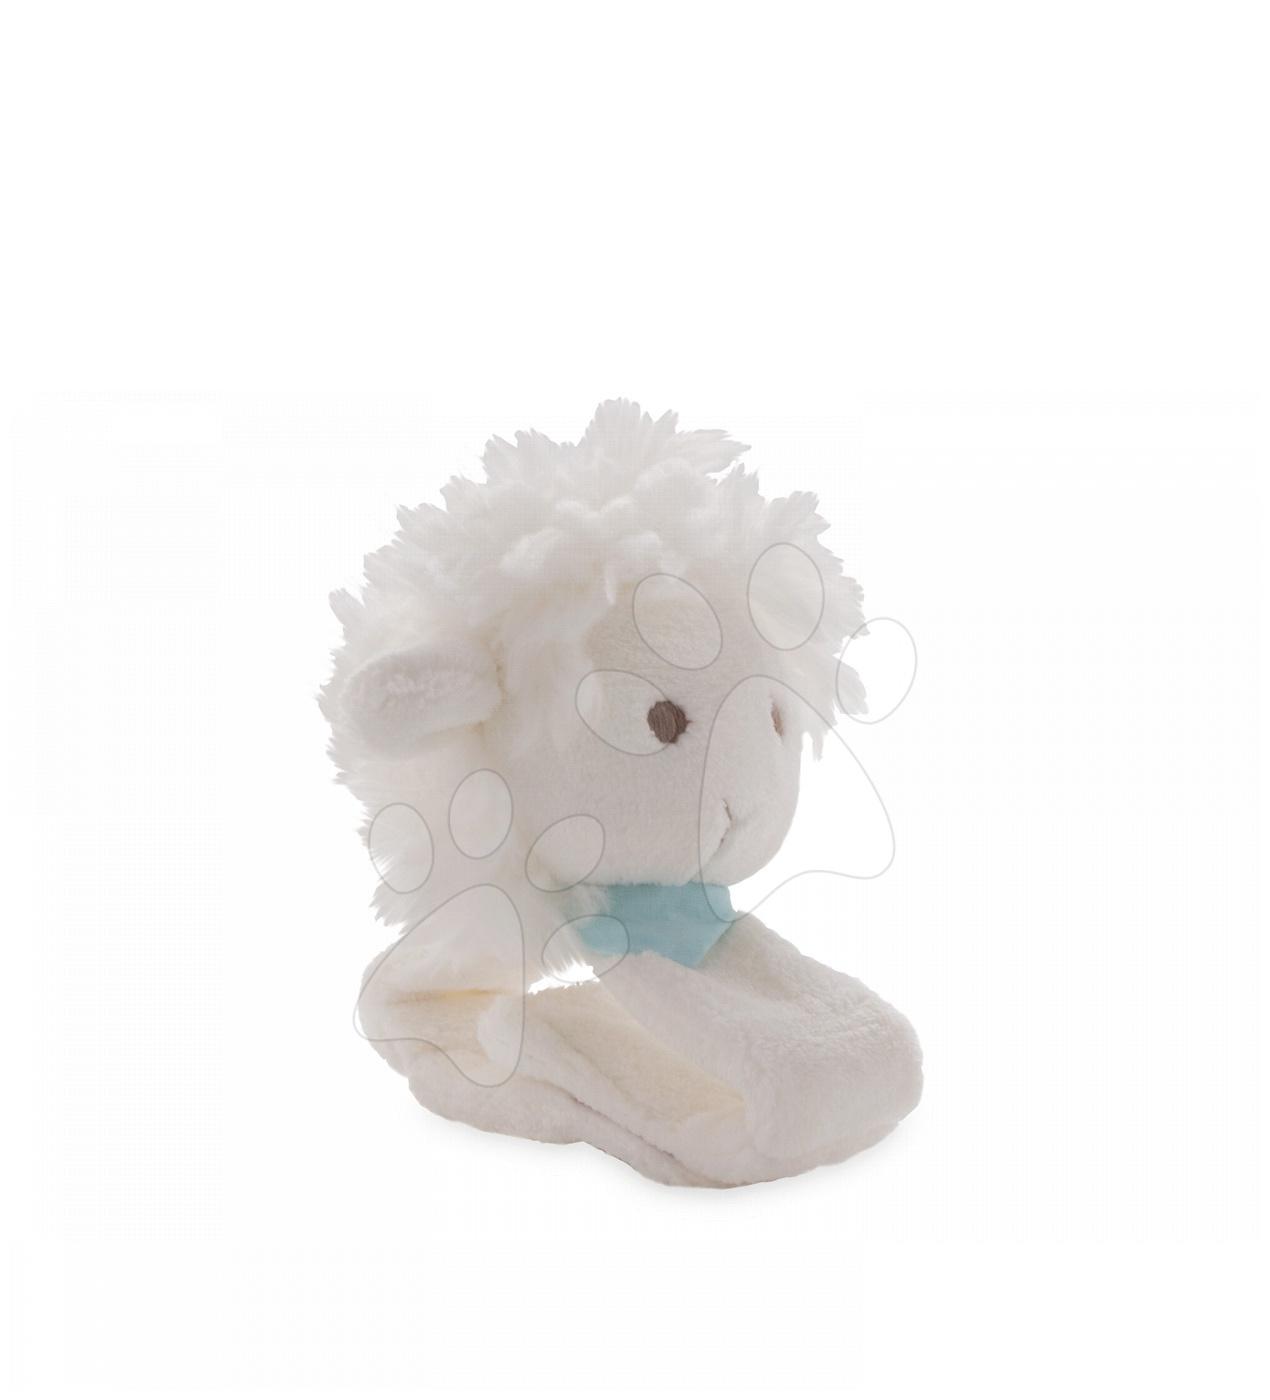 Plyšový náramek ovečka Les Amis Kaloo s chrastítkem 12 cm z jemného plyše pro nejmenší bílý